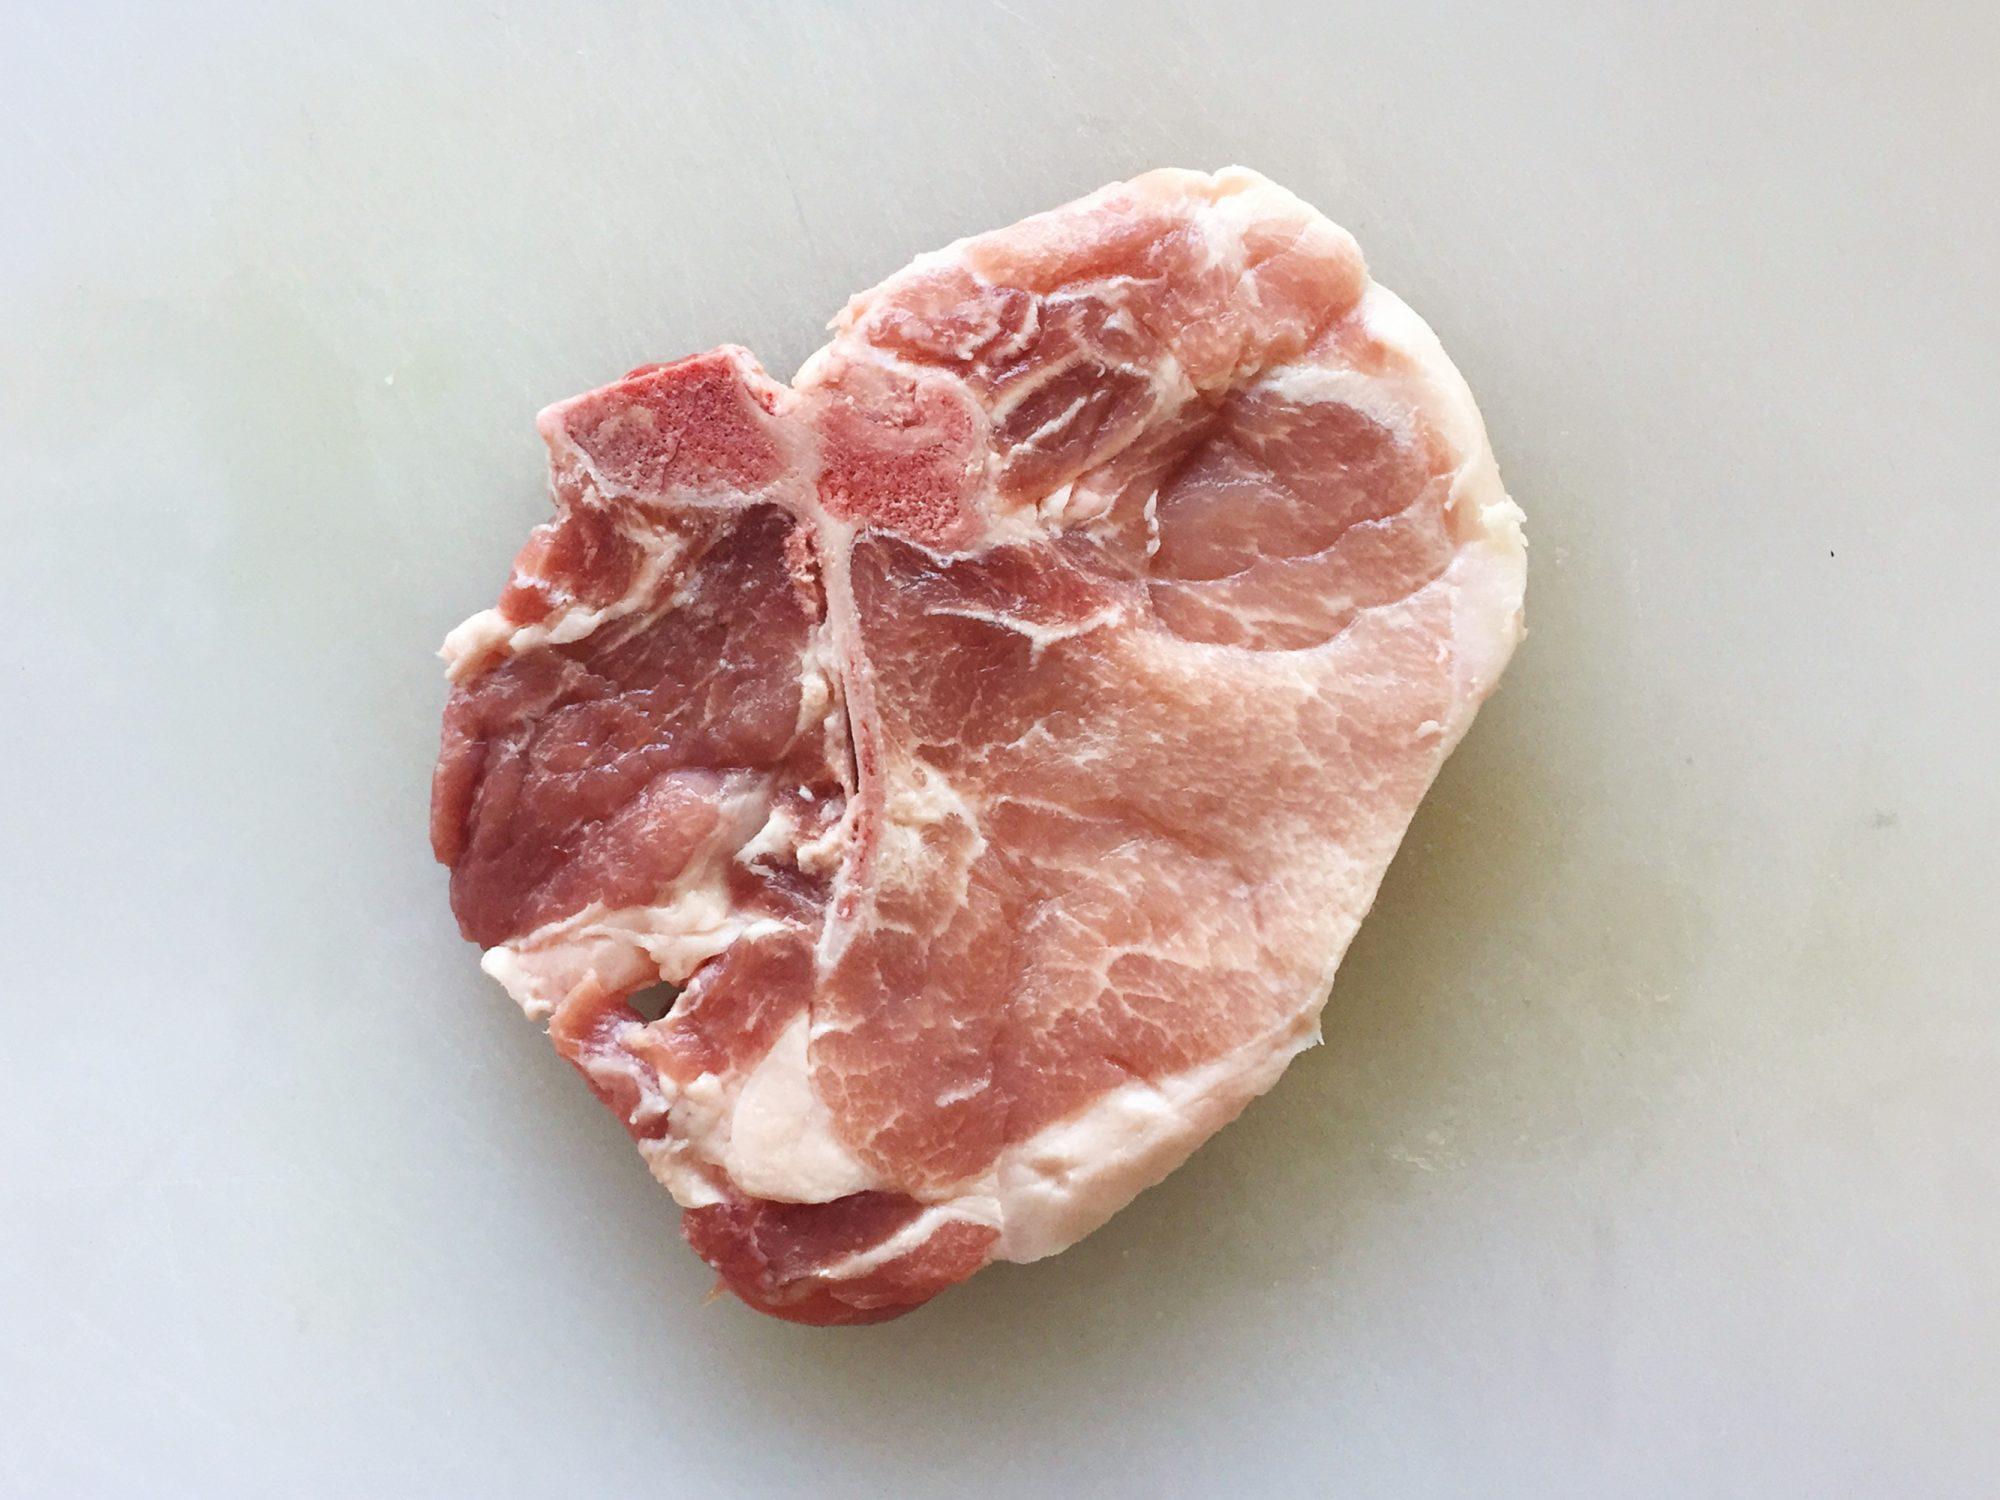 Bone In Center Cut Pork Chop